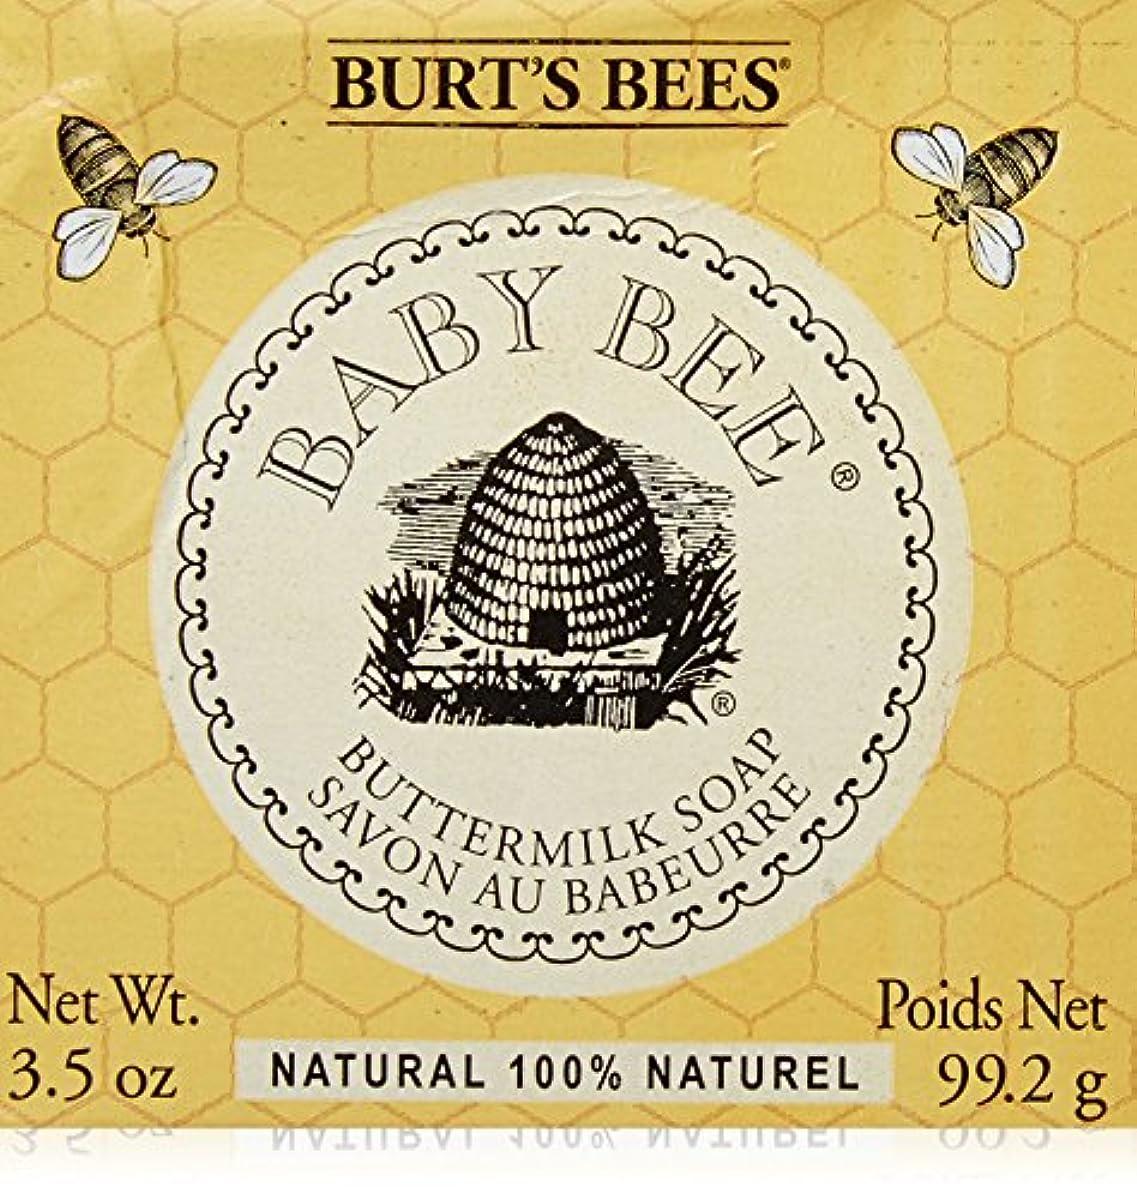 揺れるシールセンチメンタルバーツビーズ BURT'S BEES Babybee バターミルクソープ 99g